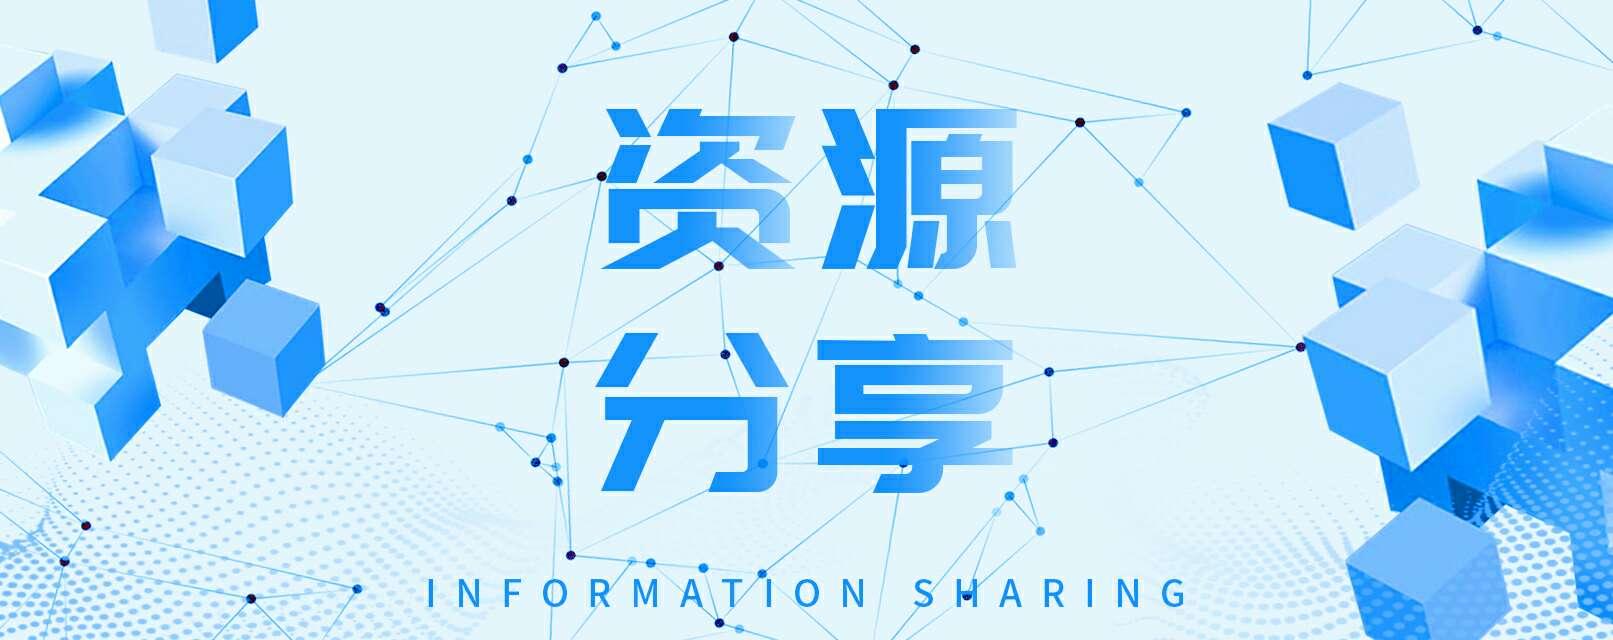 【资源分享】C语言编译器(编程必备)